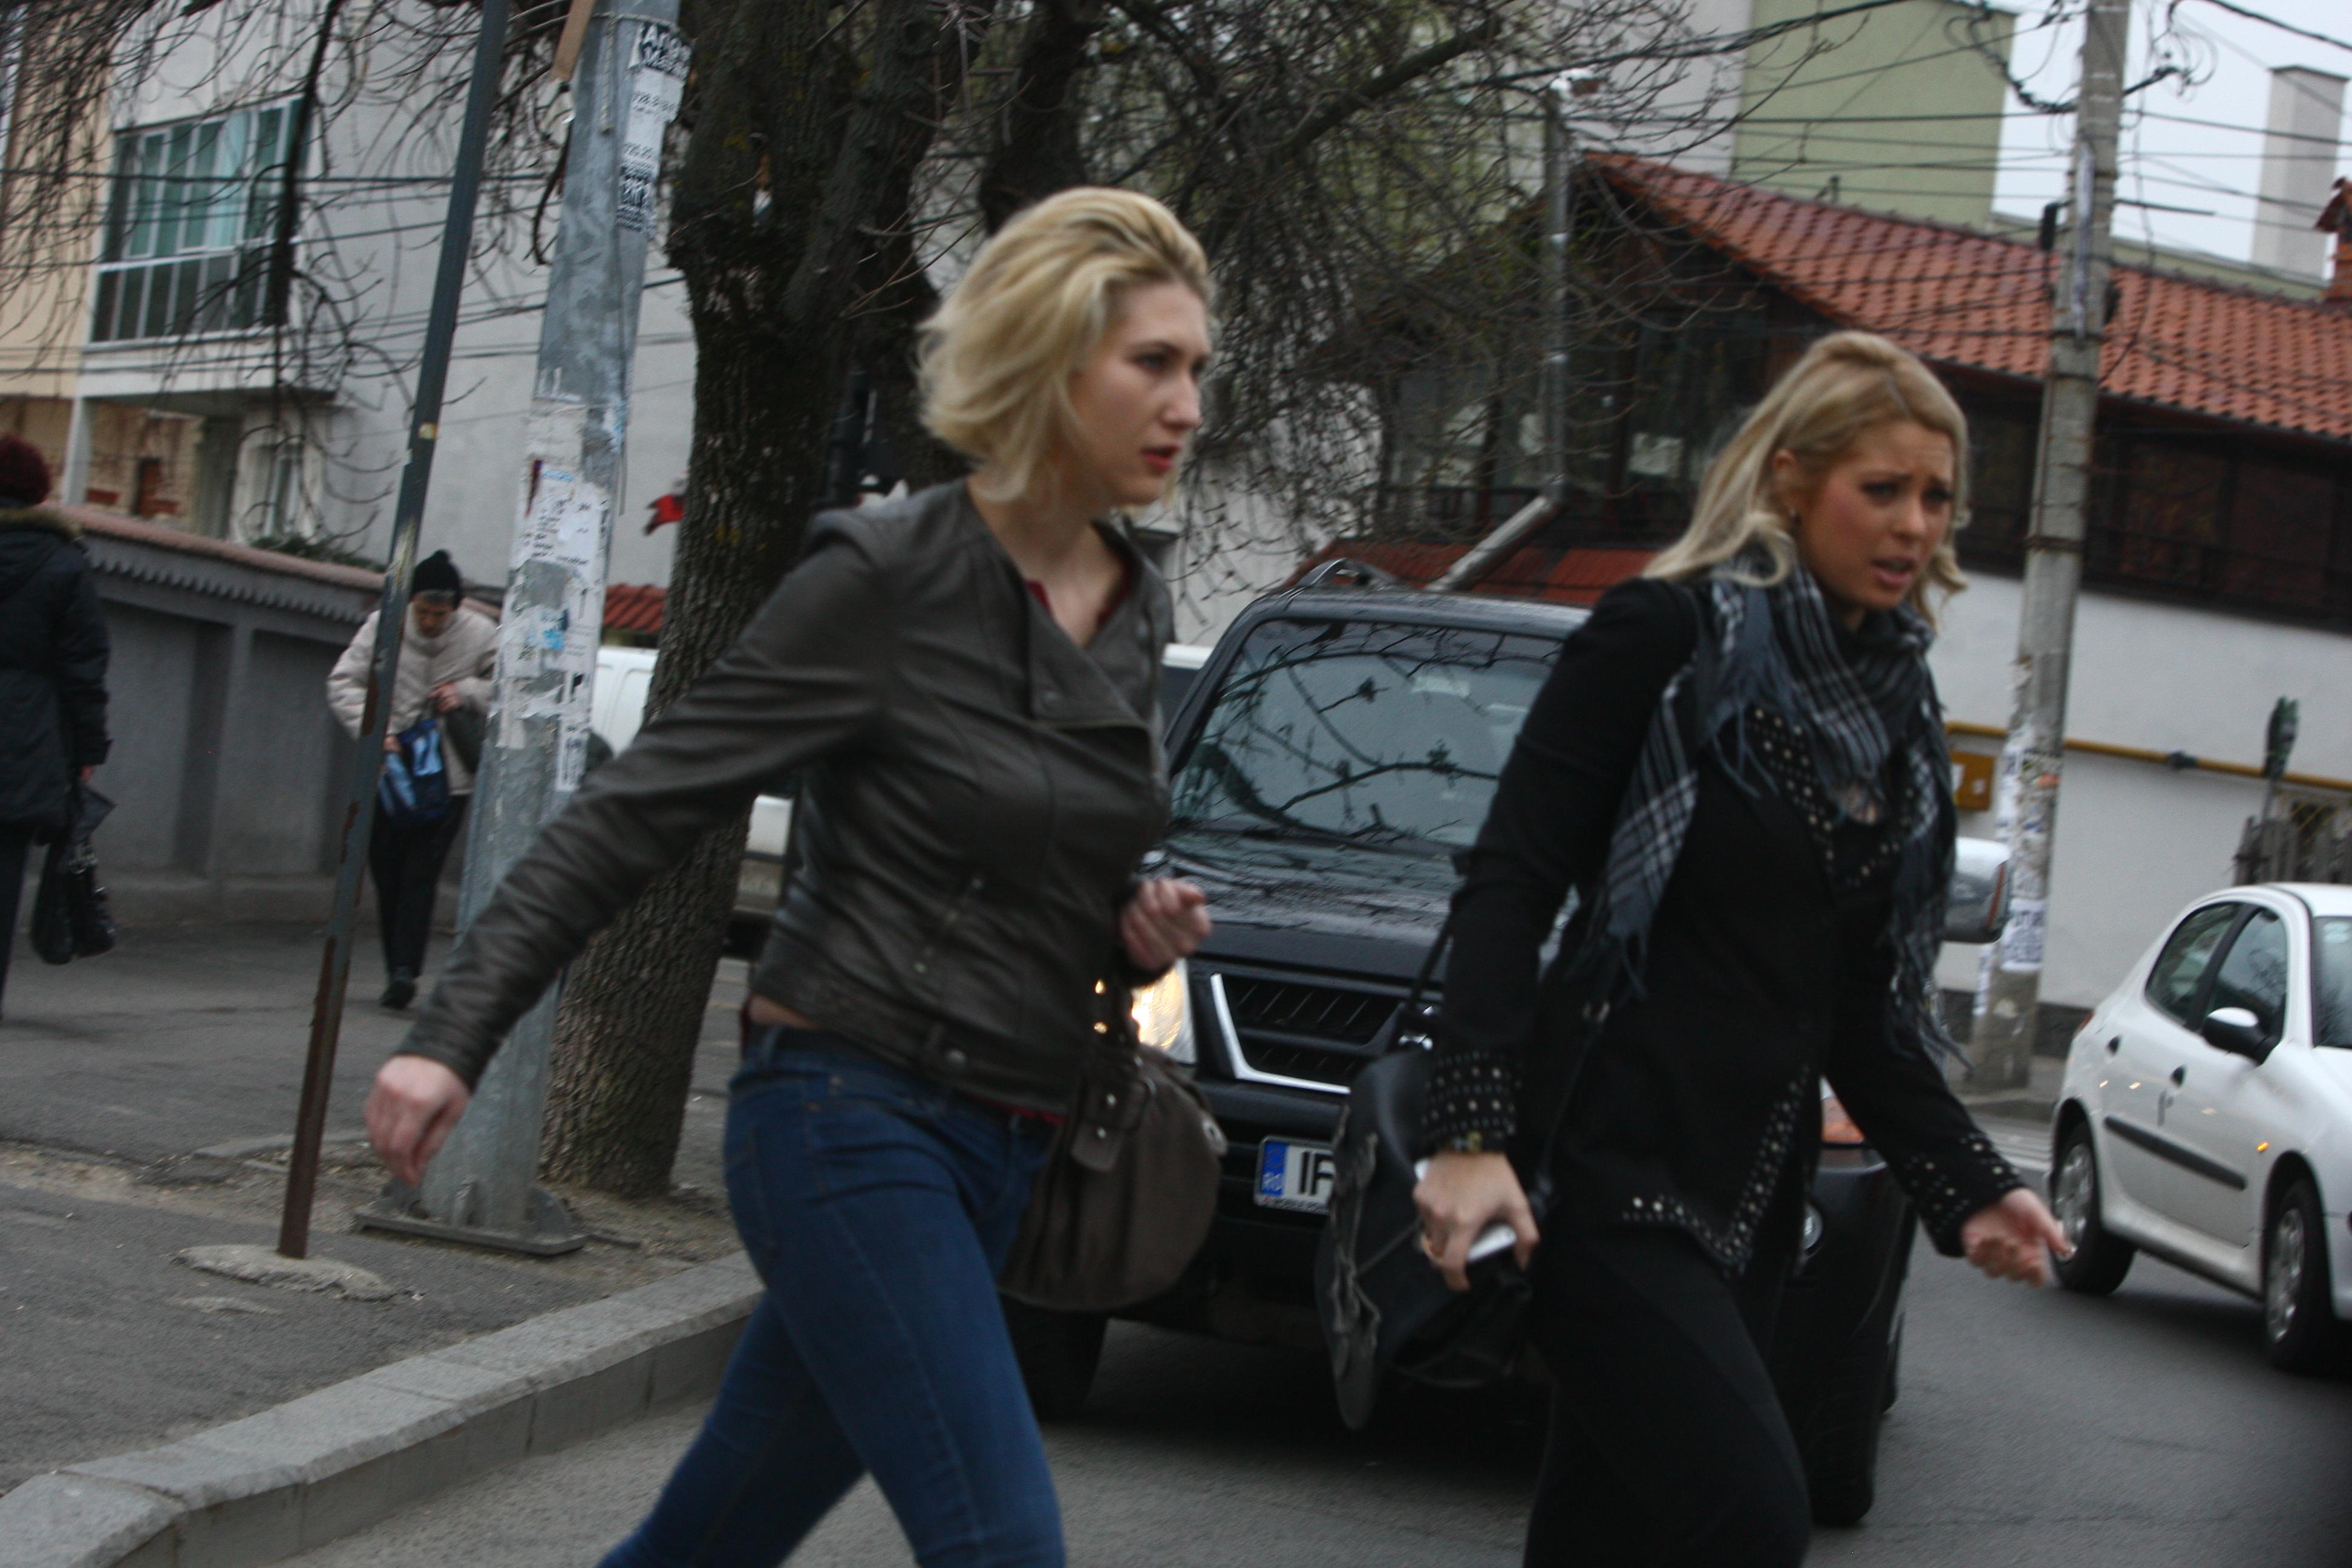 Cele doua prietene traverseaza strada, in timp ce Groza le privea din masina